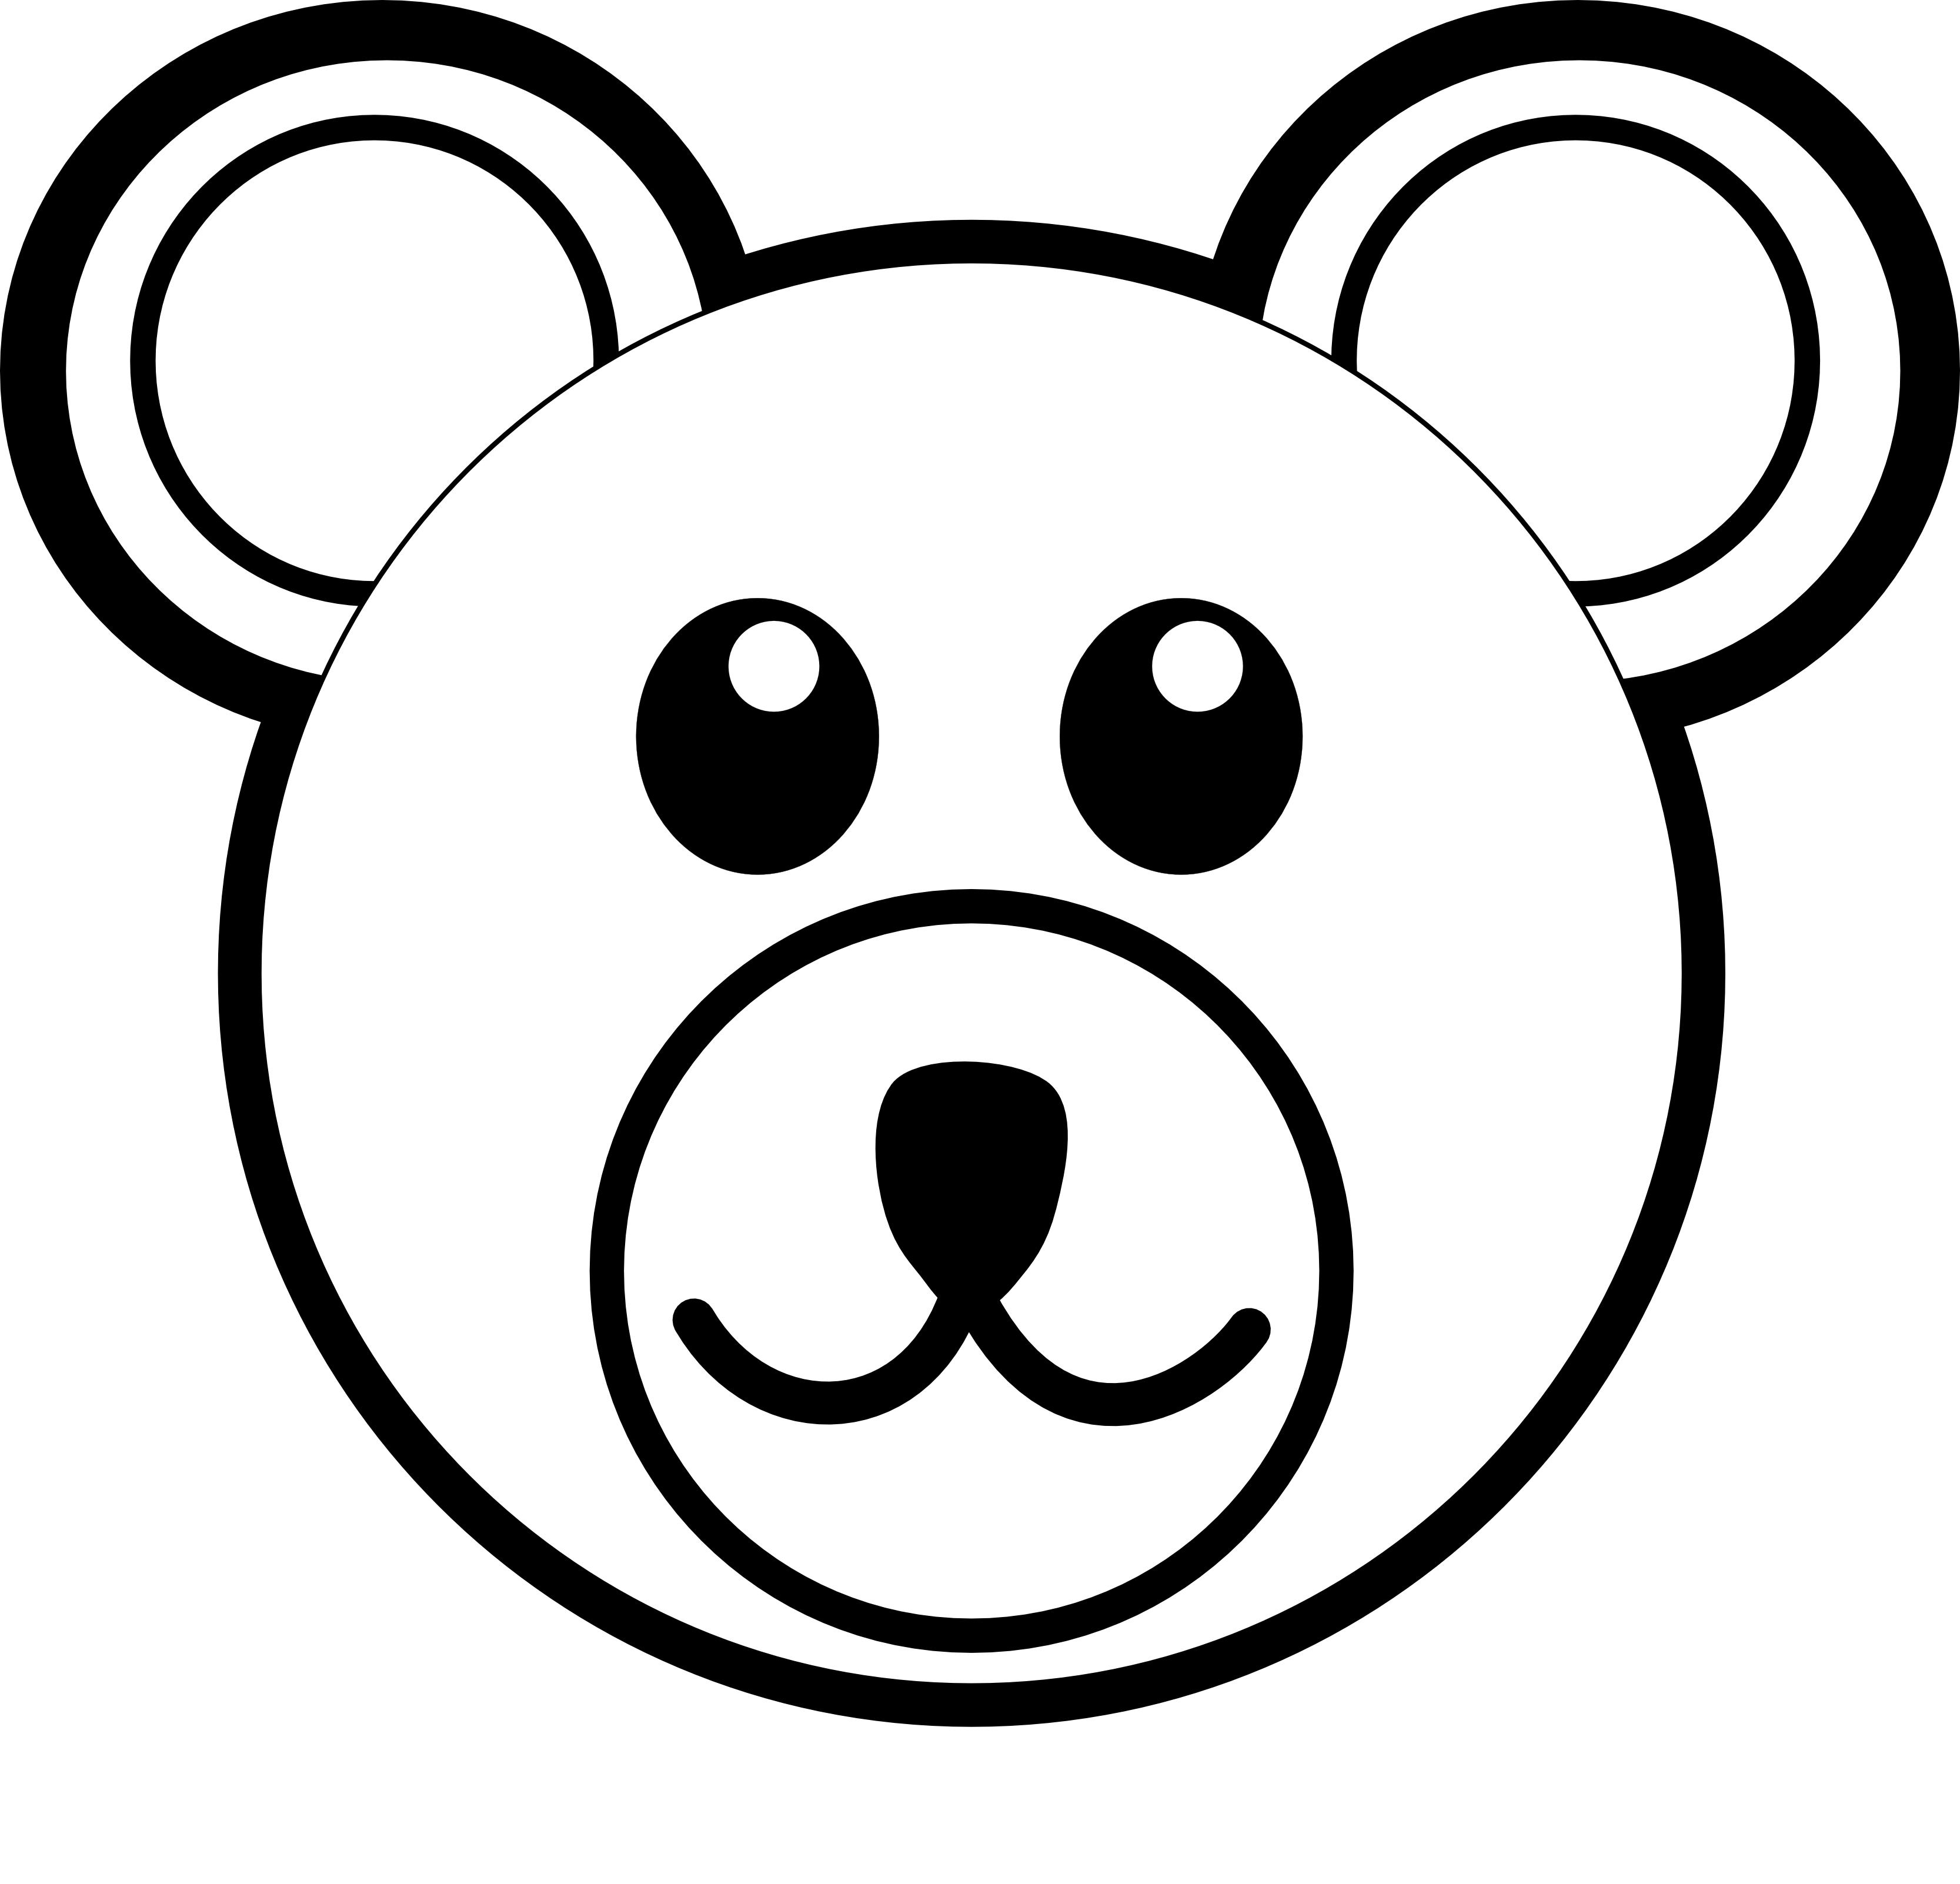 Bear face clipart free vector freeuse Polar Bear Clipart Black And White | Clipart Panda - Free Clipart ... vector freeuse